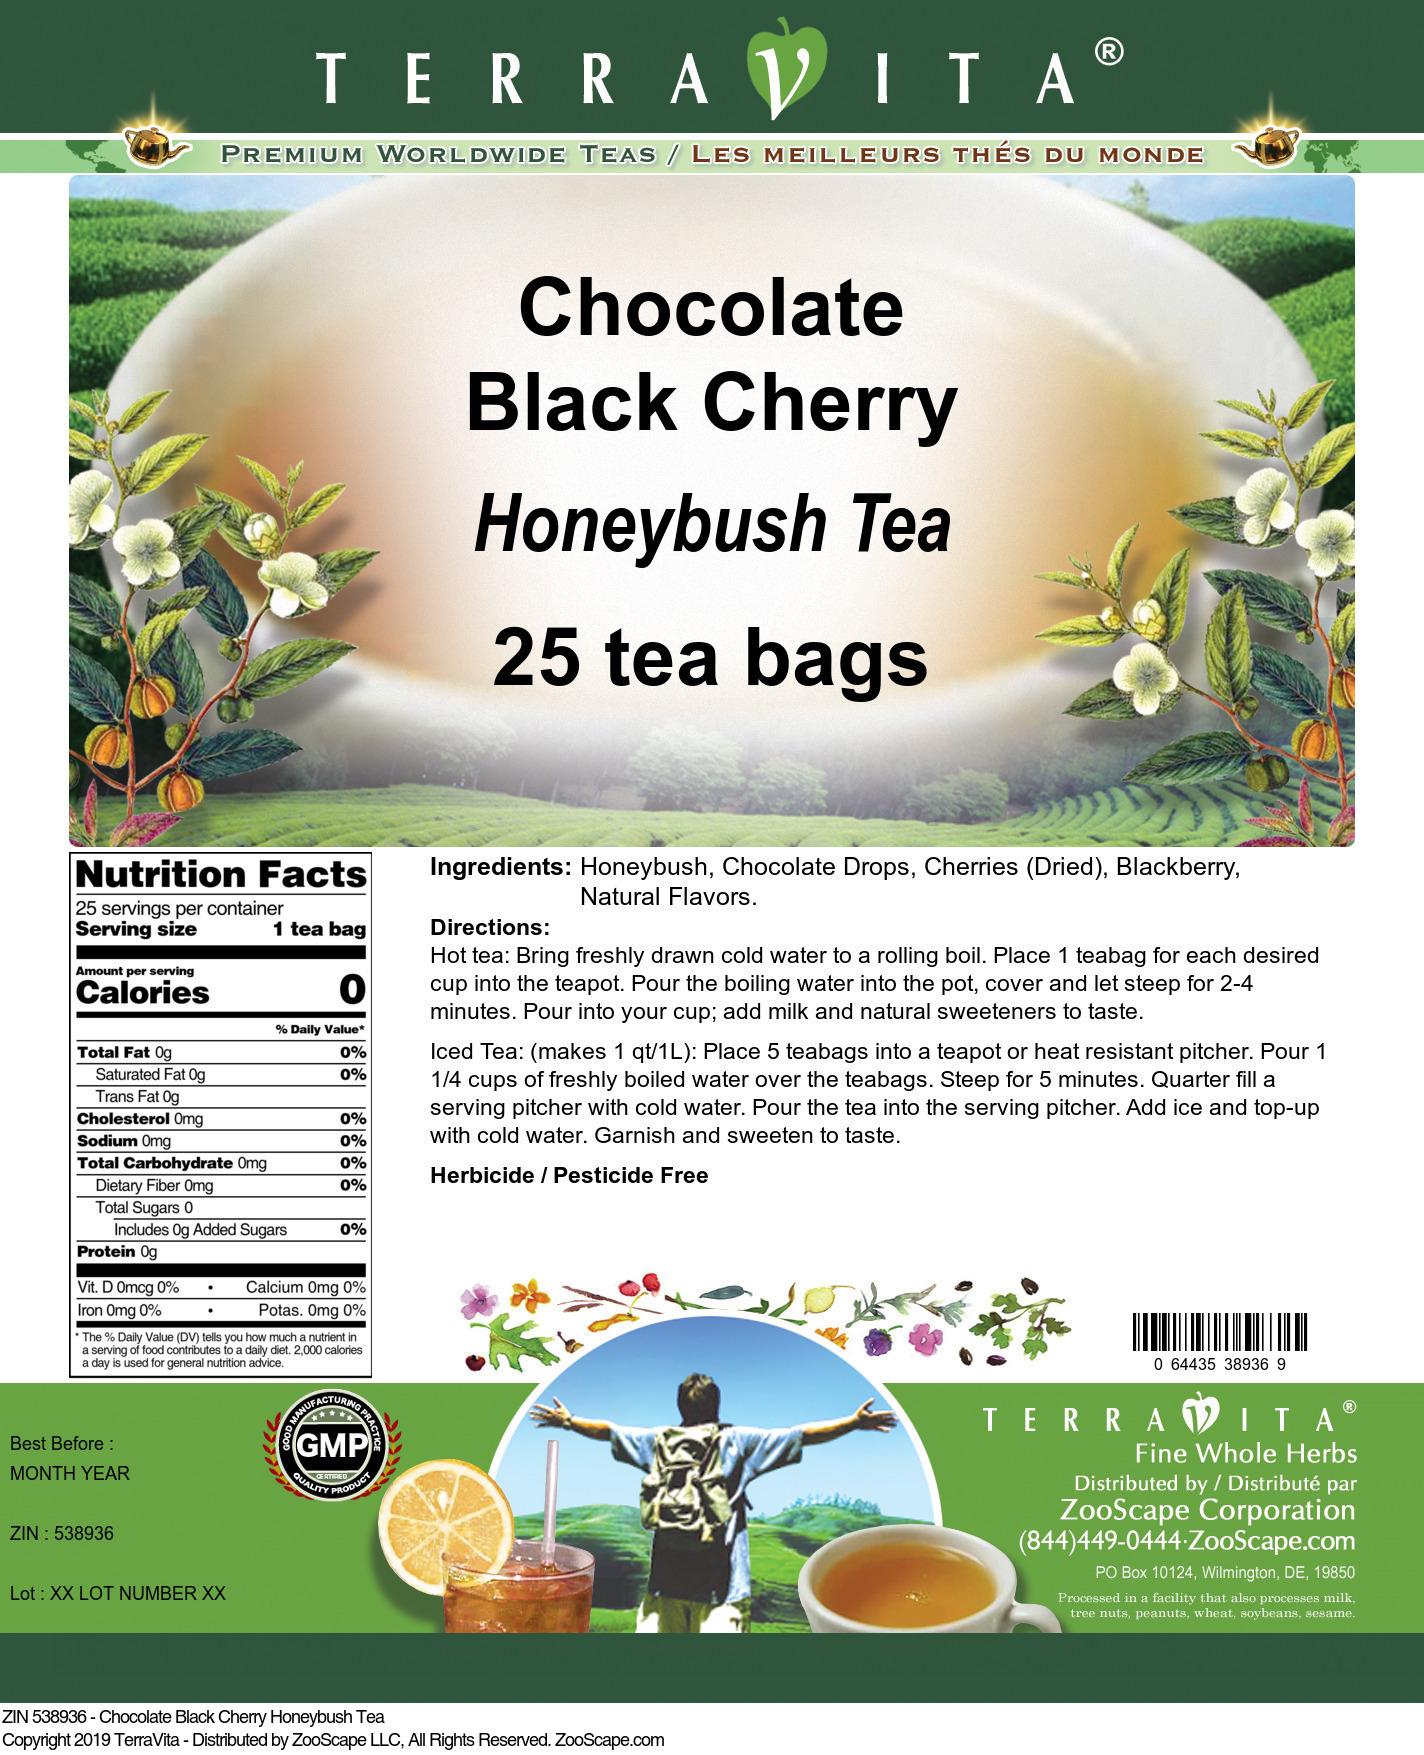 Chocolate Black Cherry Honeybush Tea